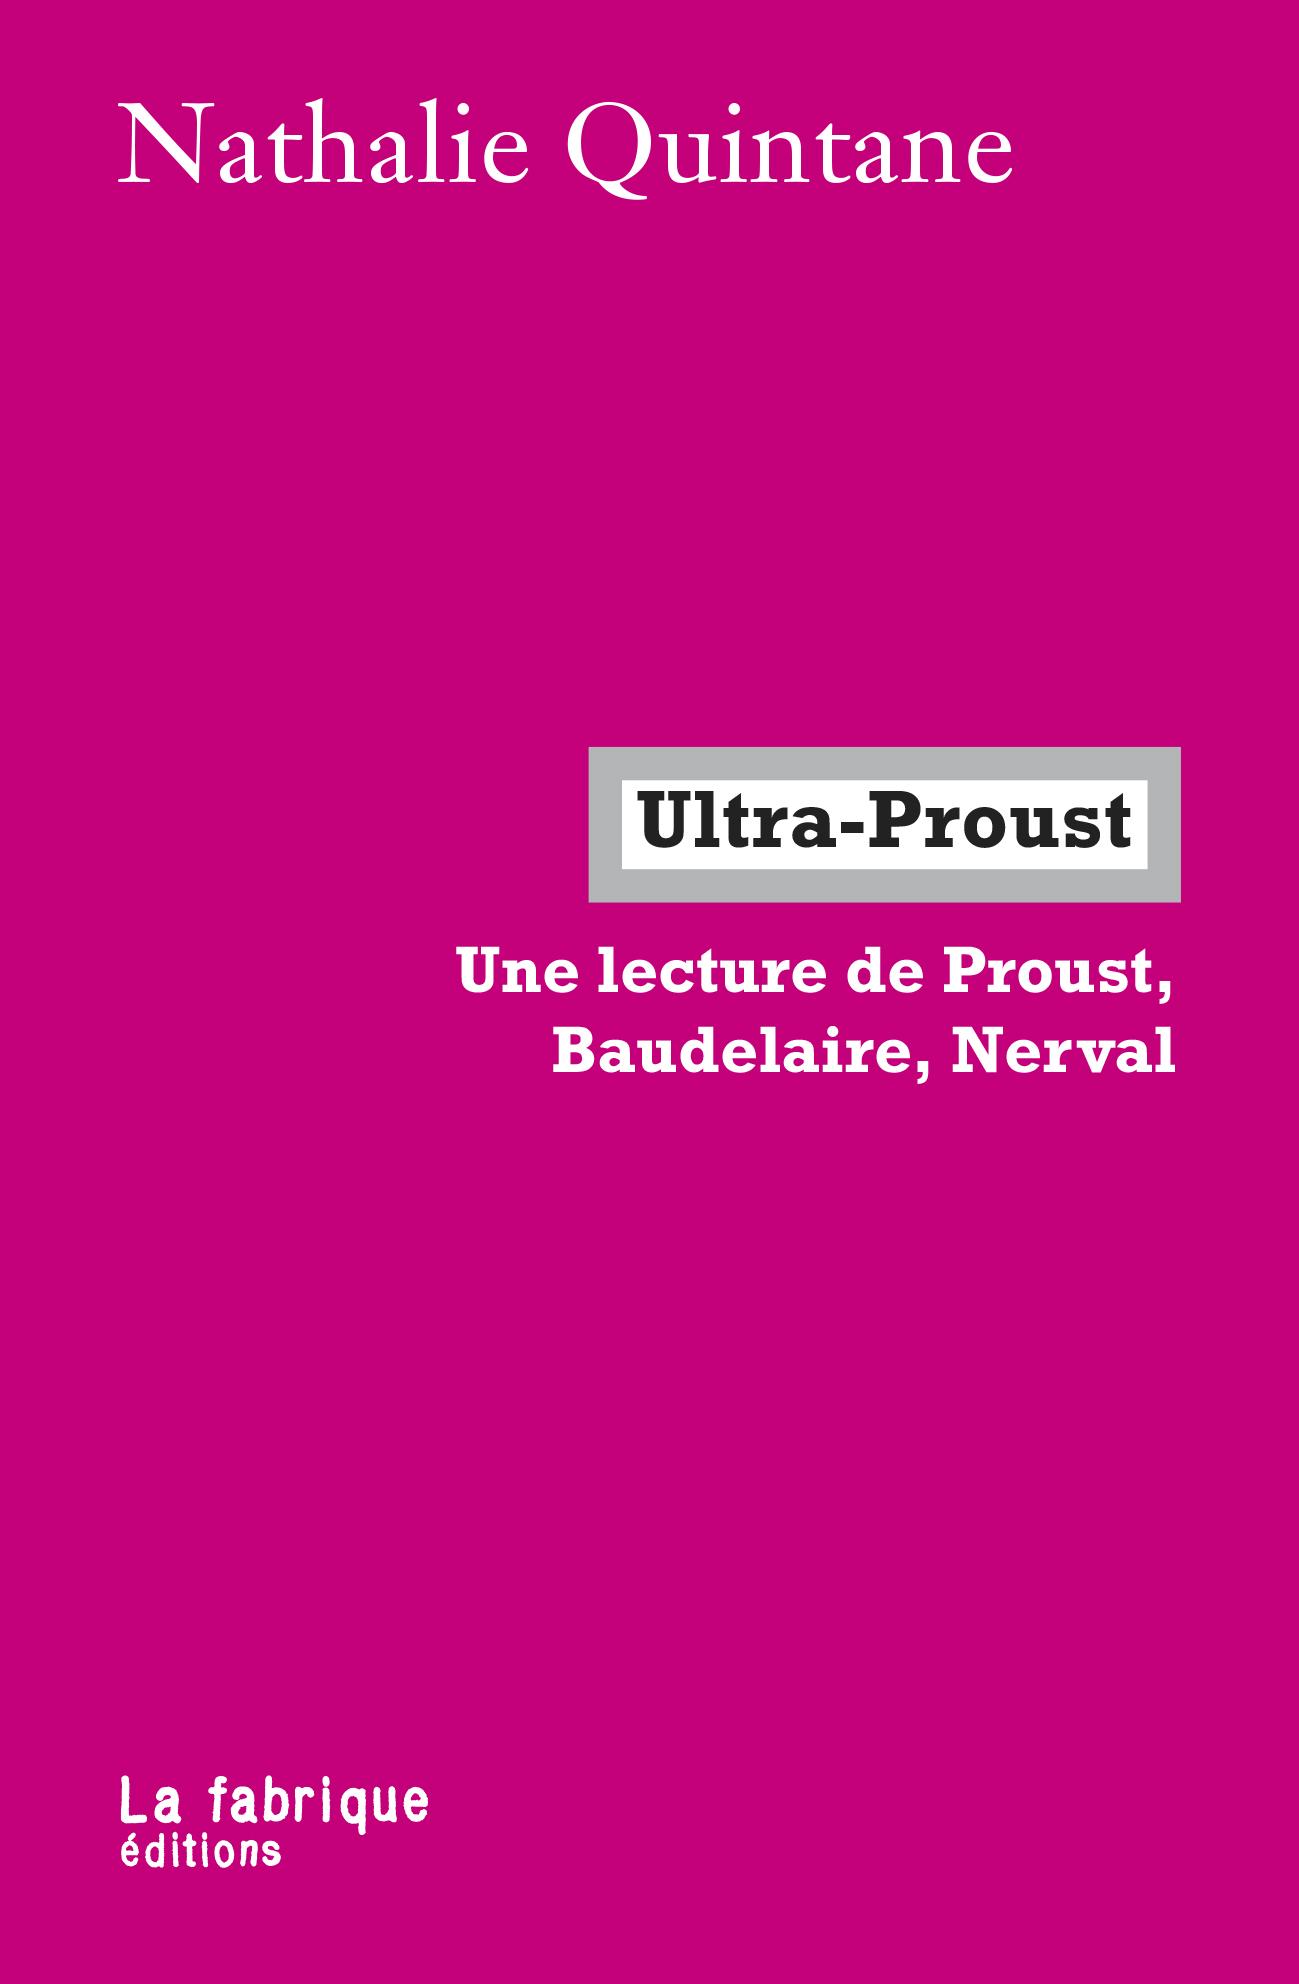 N. Quintane, Ultra-Proust. Une lecture de Proust, Baudelaire, Nerval